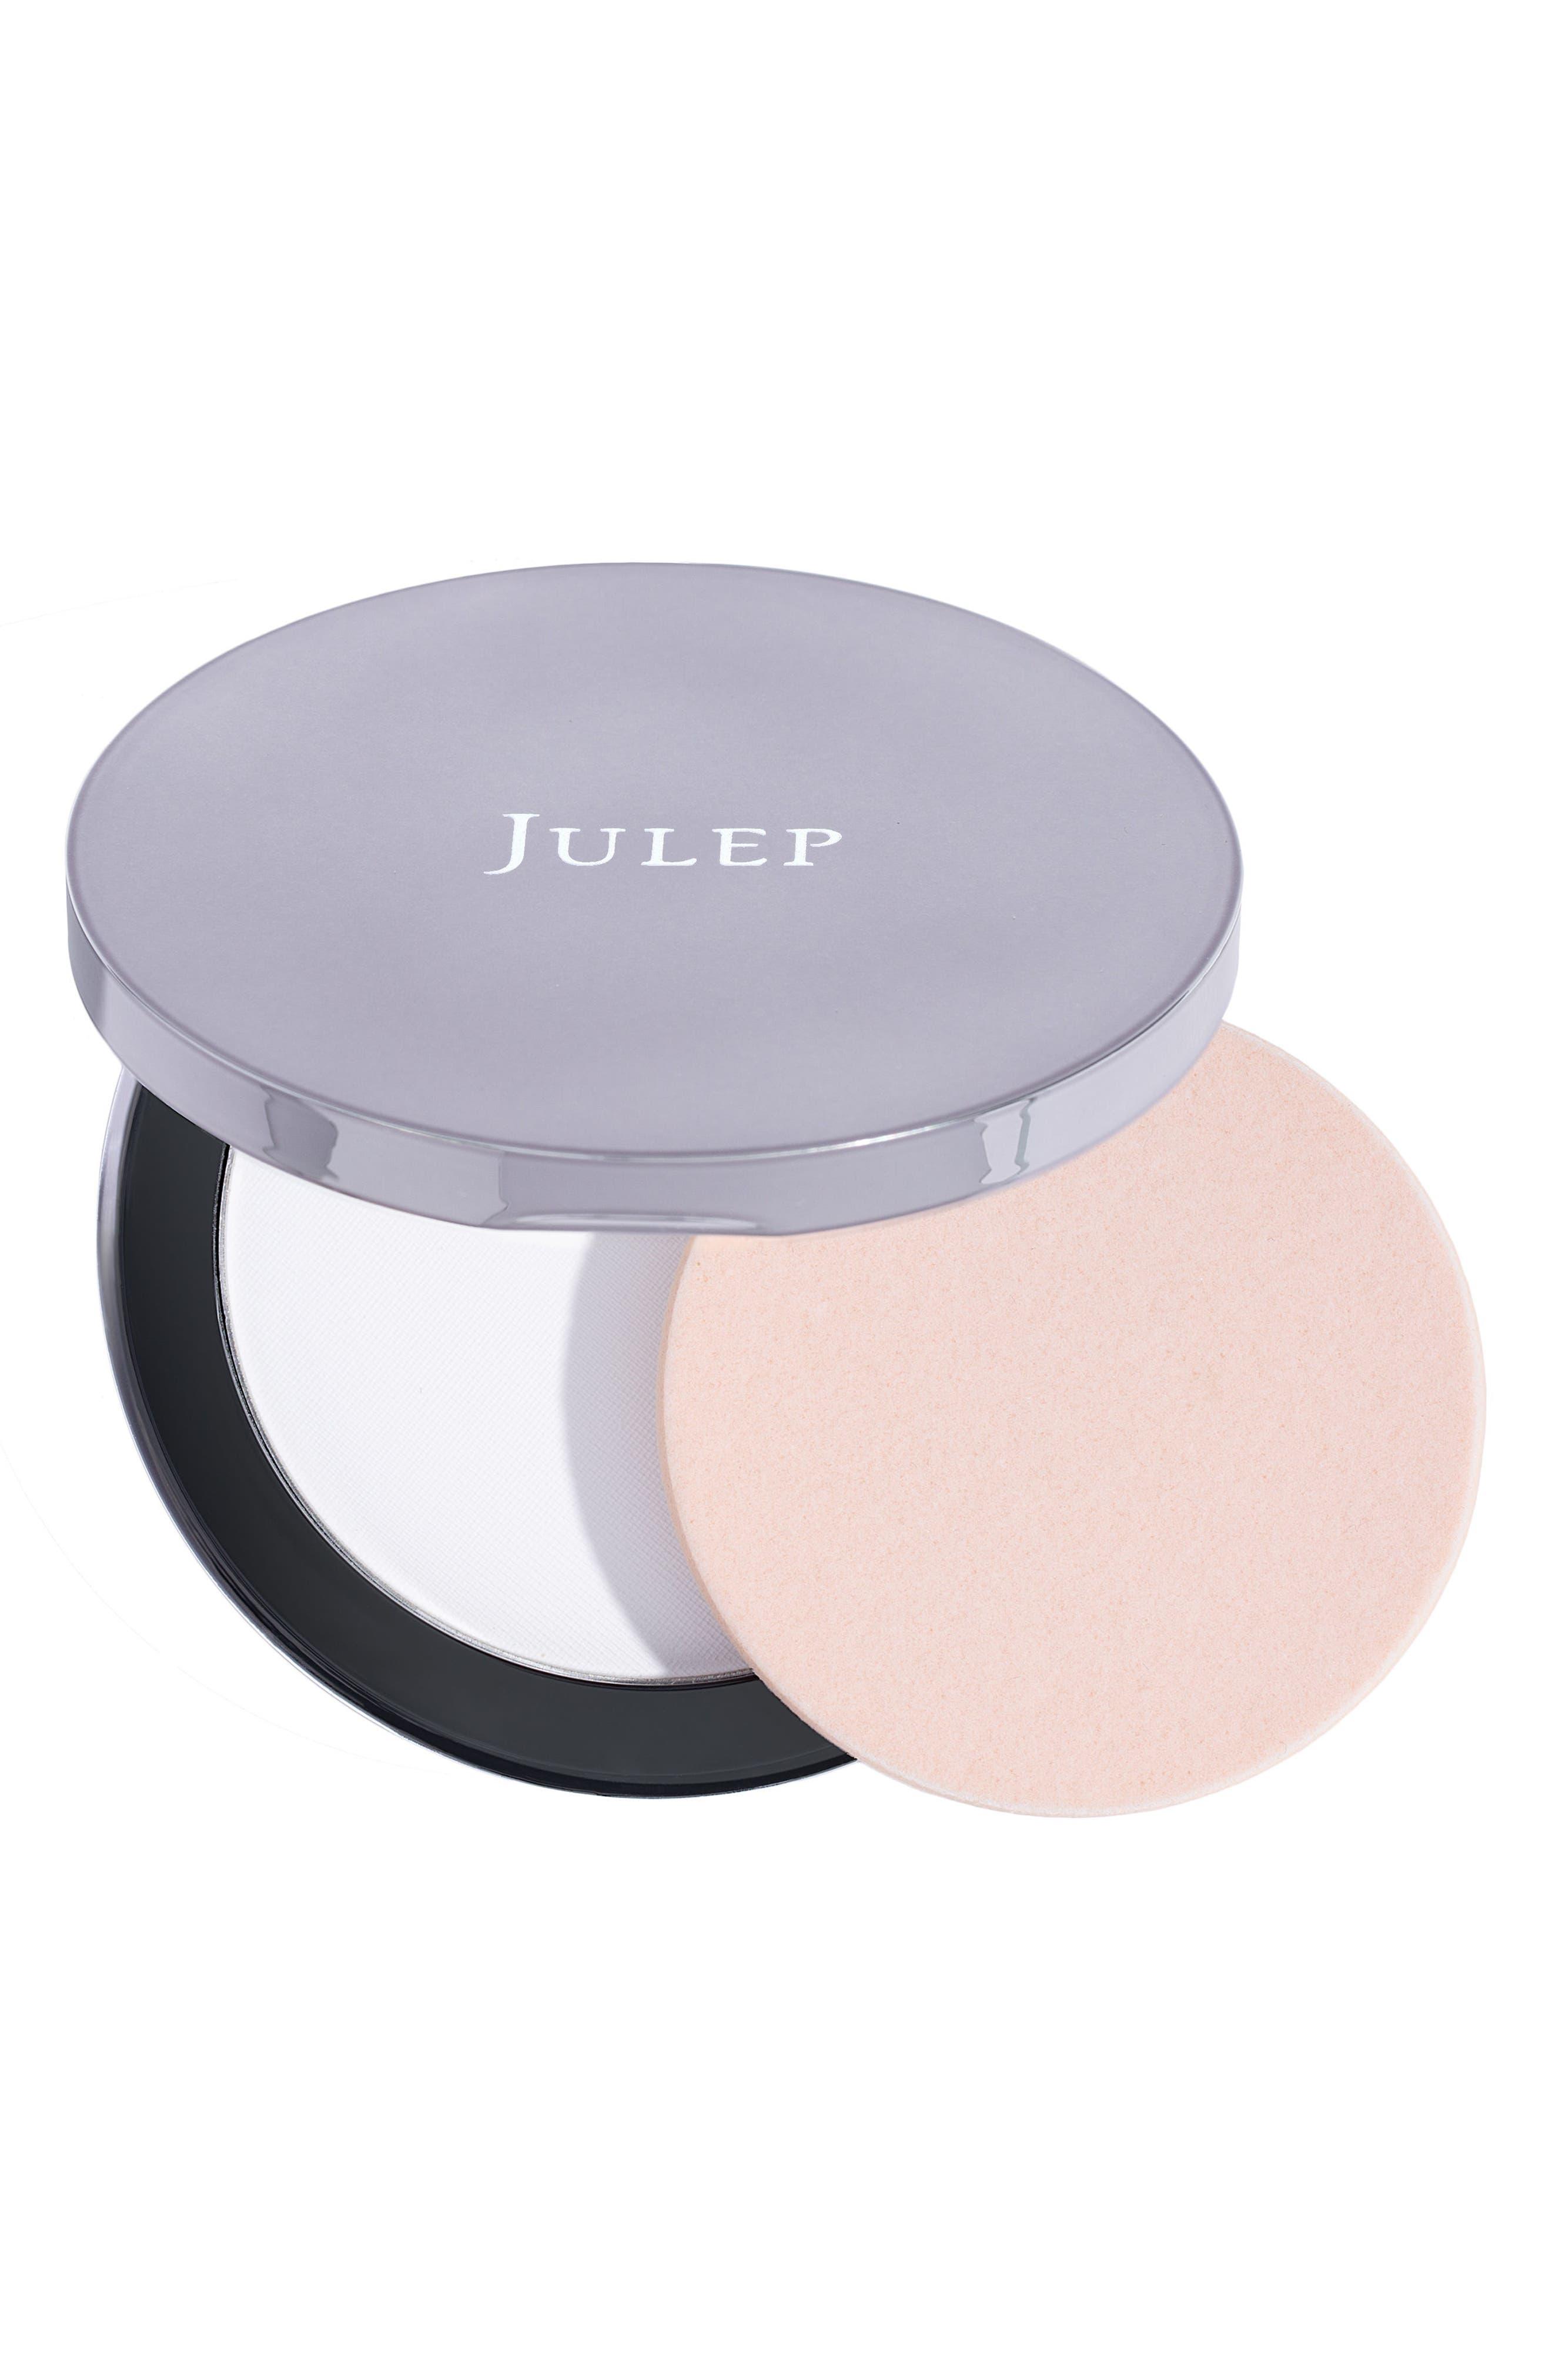 Julep<sup>™</sup> Insta-Filter Invisible Finishing Powder,                             Main thumbnail 1, color,                             NO COLOR